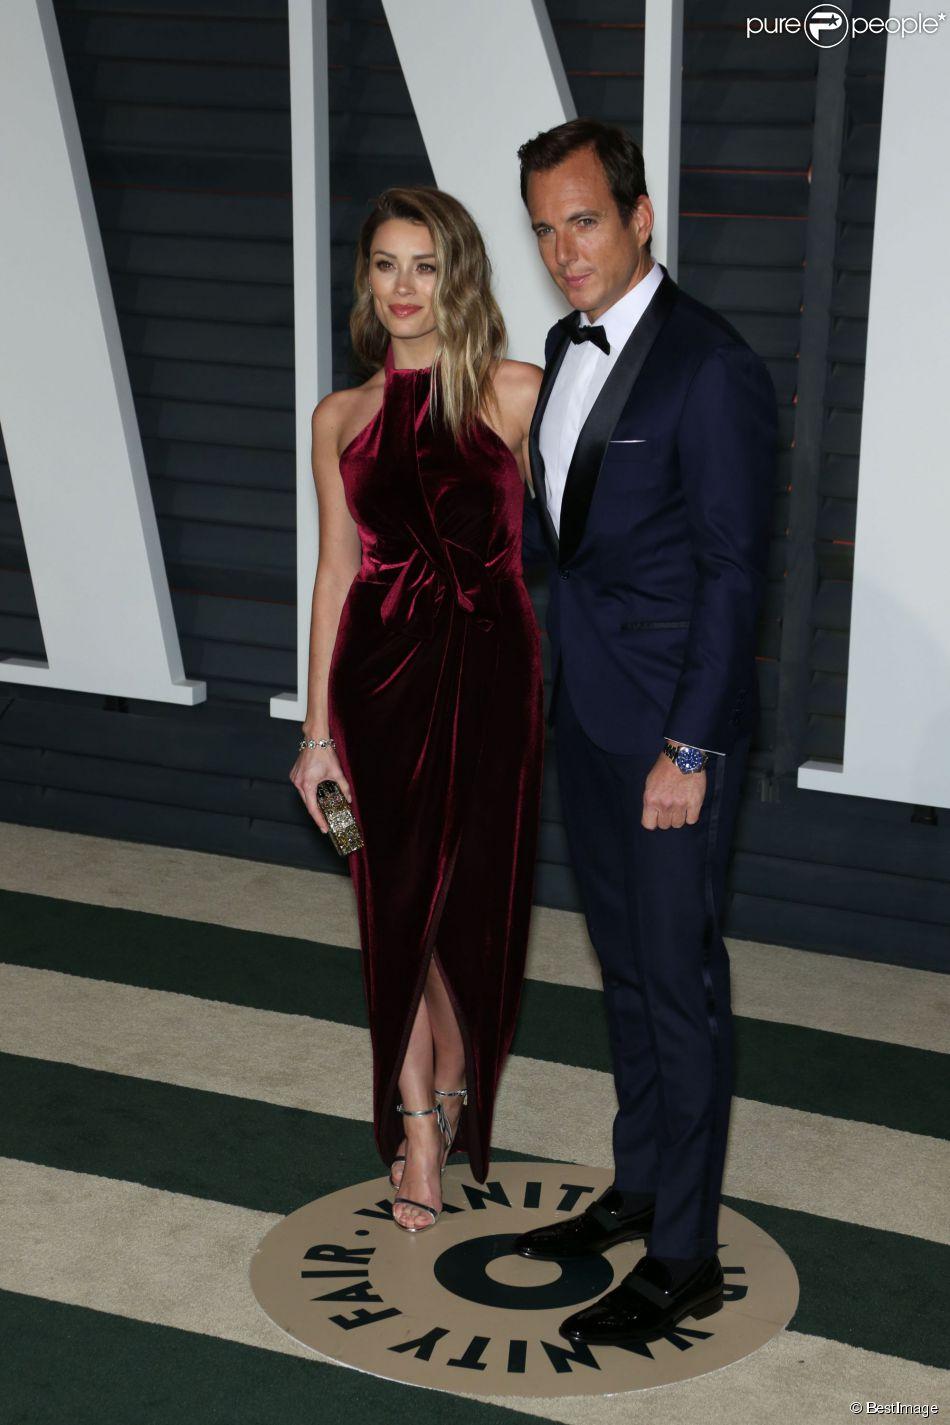 Arielle Vanderberg, Will Arnett - People à la 87ème cérémonie des Oscars à Hollywood, le 22 février 2015.